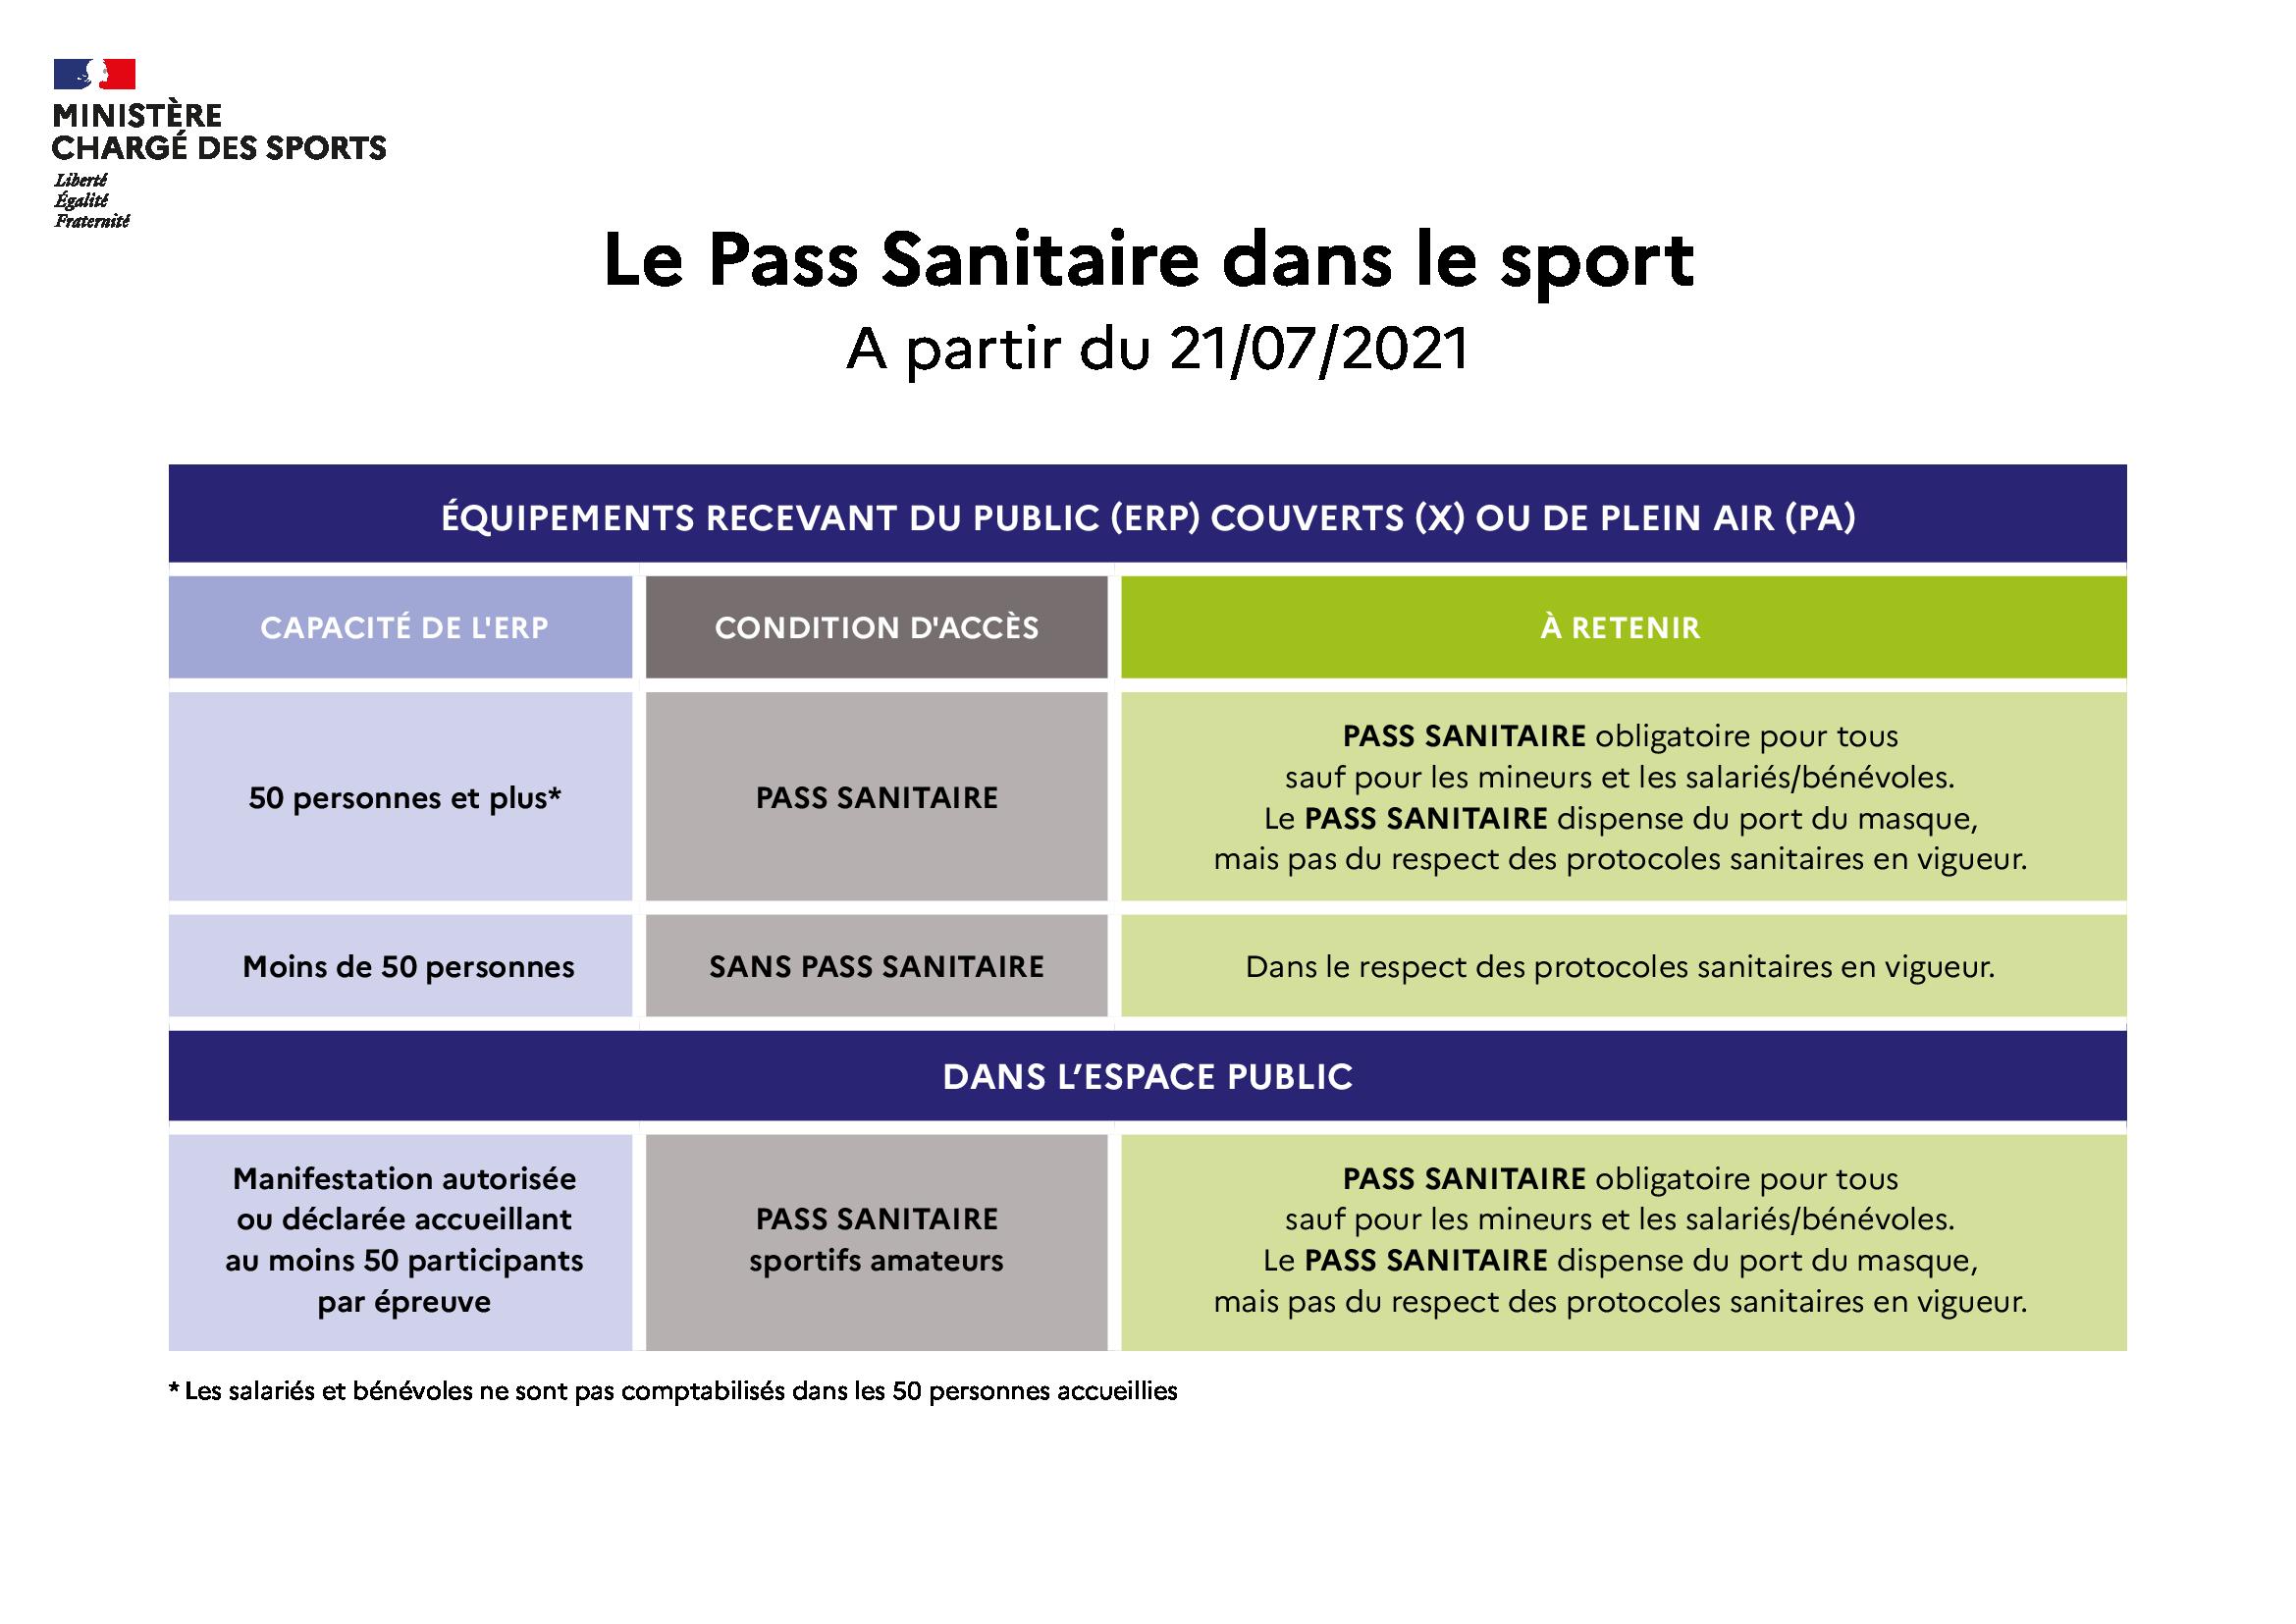 Source : Sport.gouv.fr